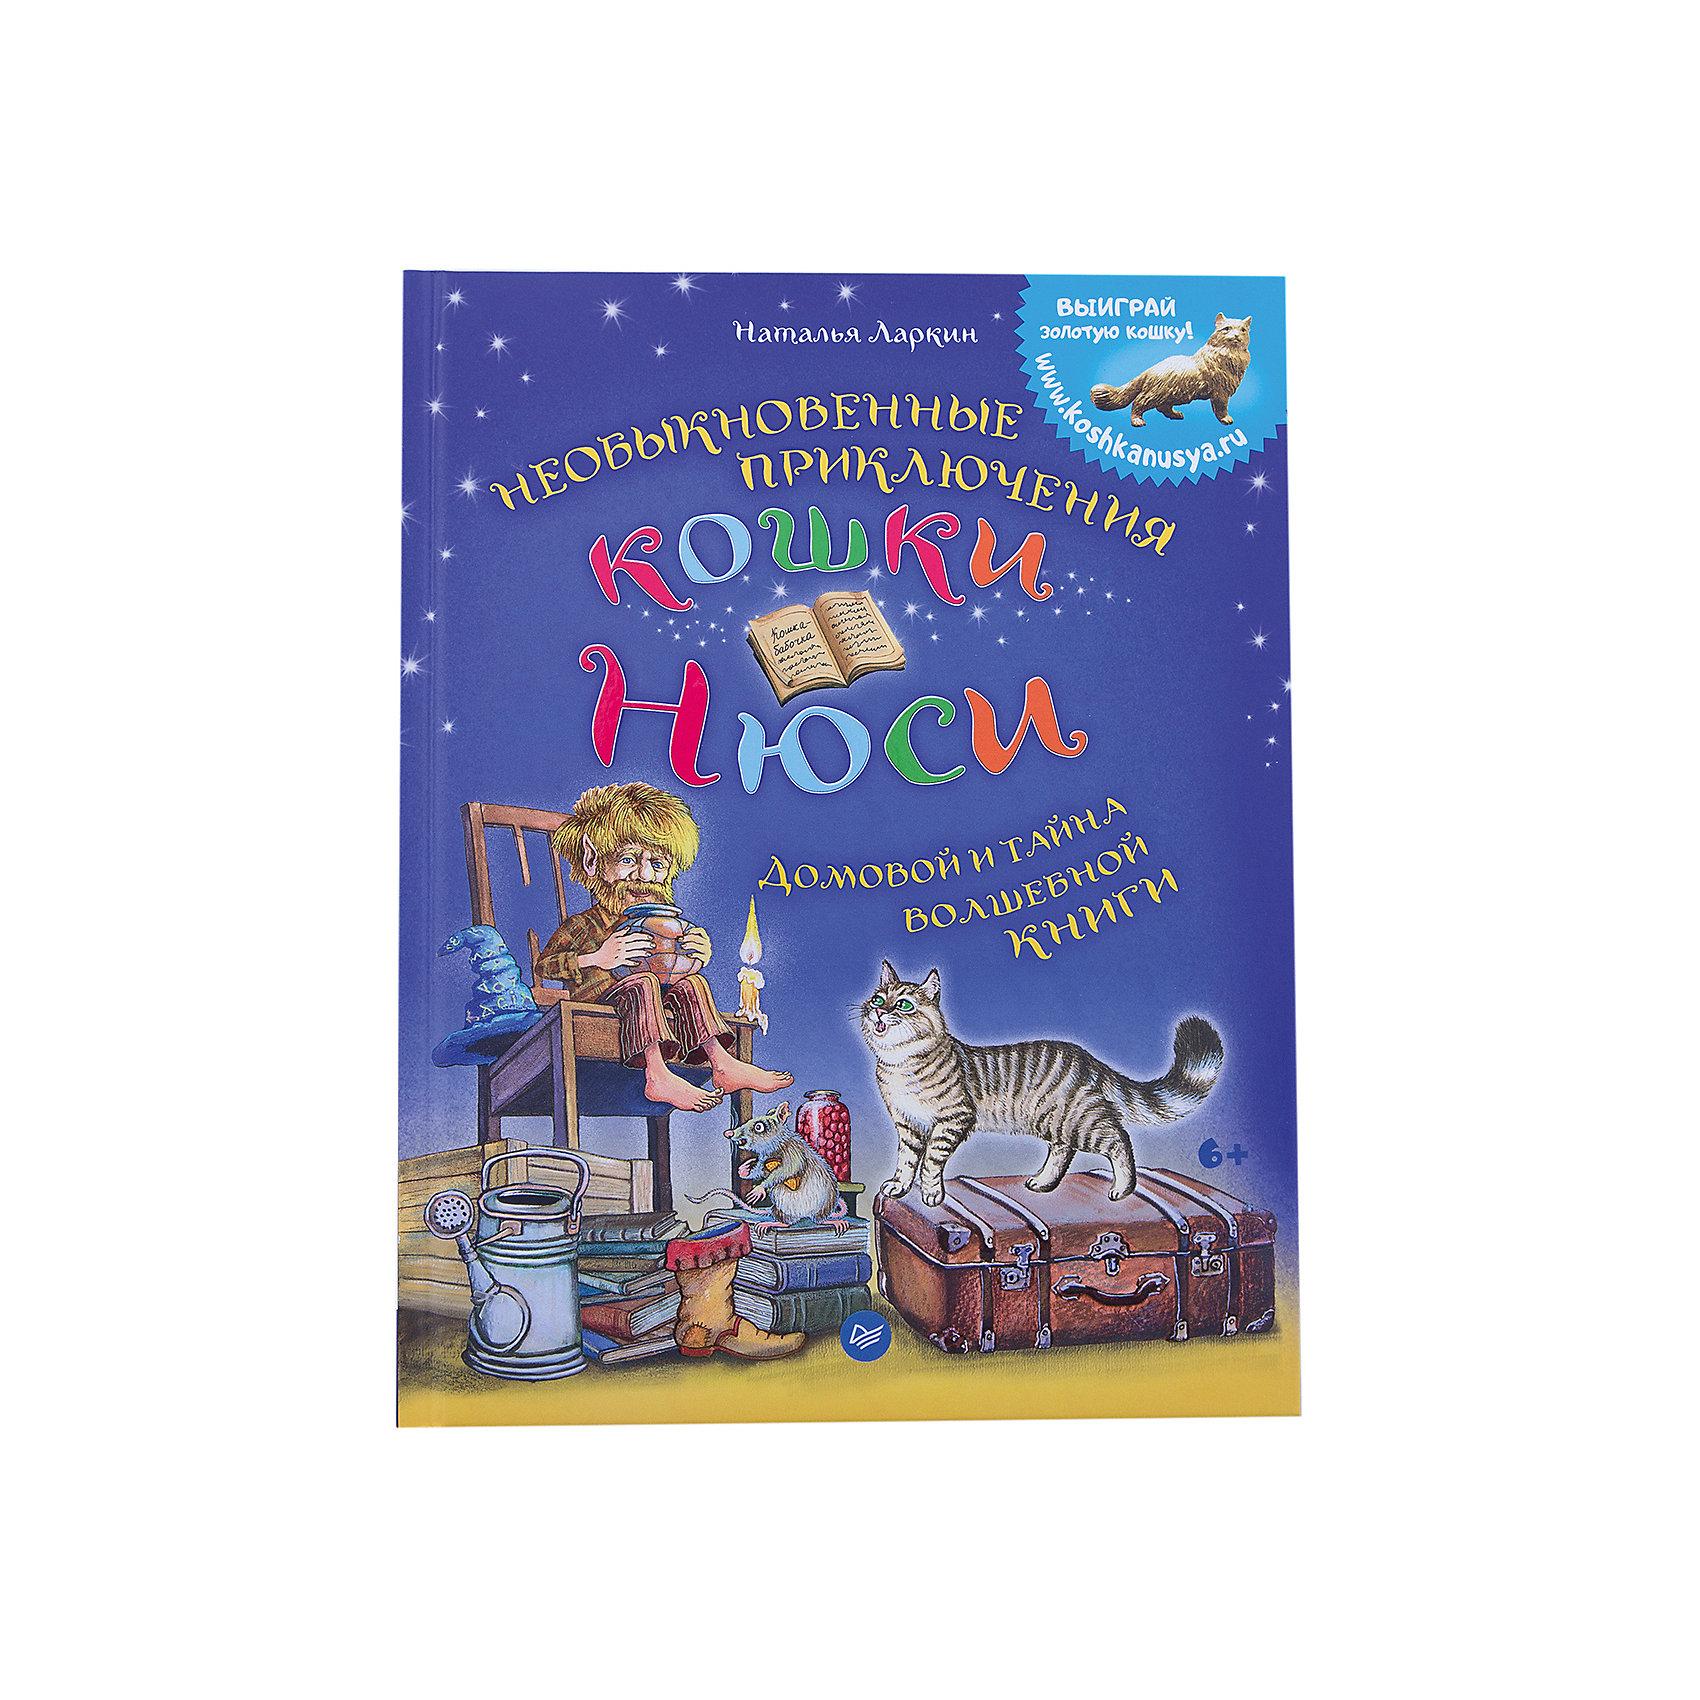 Книга Необыкновенные приключения кошки Нюси: Домовой и тайна волшебной книгиСказки, рассказы, стихи<br>Книга-игра, на страницах которой закодировано сообщение, отгадав которое, вы можете претендовать на ценный приз. Полноцветное издание  с большим количеством иллюстраций. Для чтения детям от 6 лет.<br><br>Ширина мм: 260<br>Глубина мм: 201<br>Высота мм: 110<br>Вес г: 546<br>Возраст от месяцев: 72<br>Возраст до месяцев: 2147483647<br>Пол: Унисекс<br>Возраст: Детский<br>SKU: 5576705